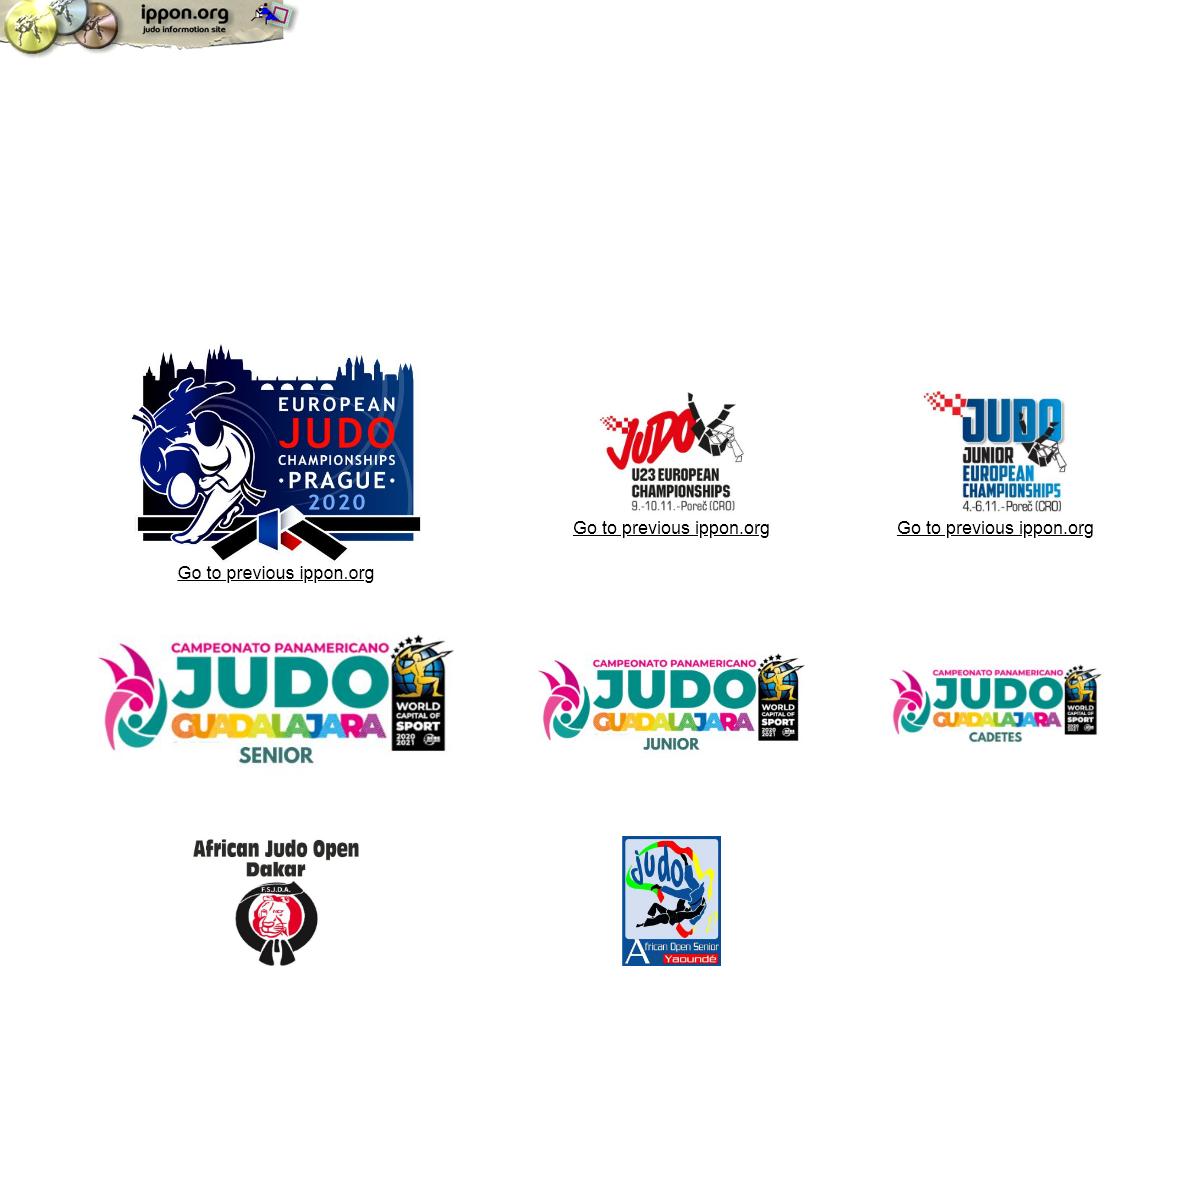 TTA - the Judo Information System